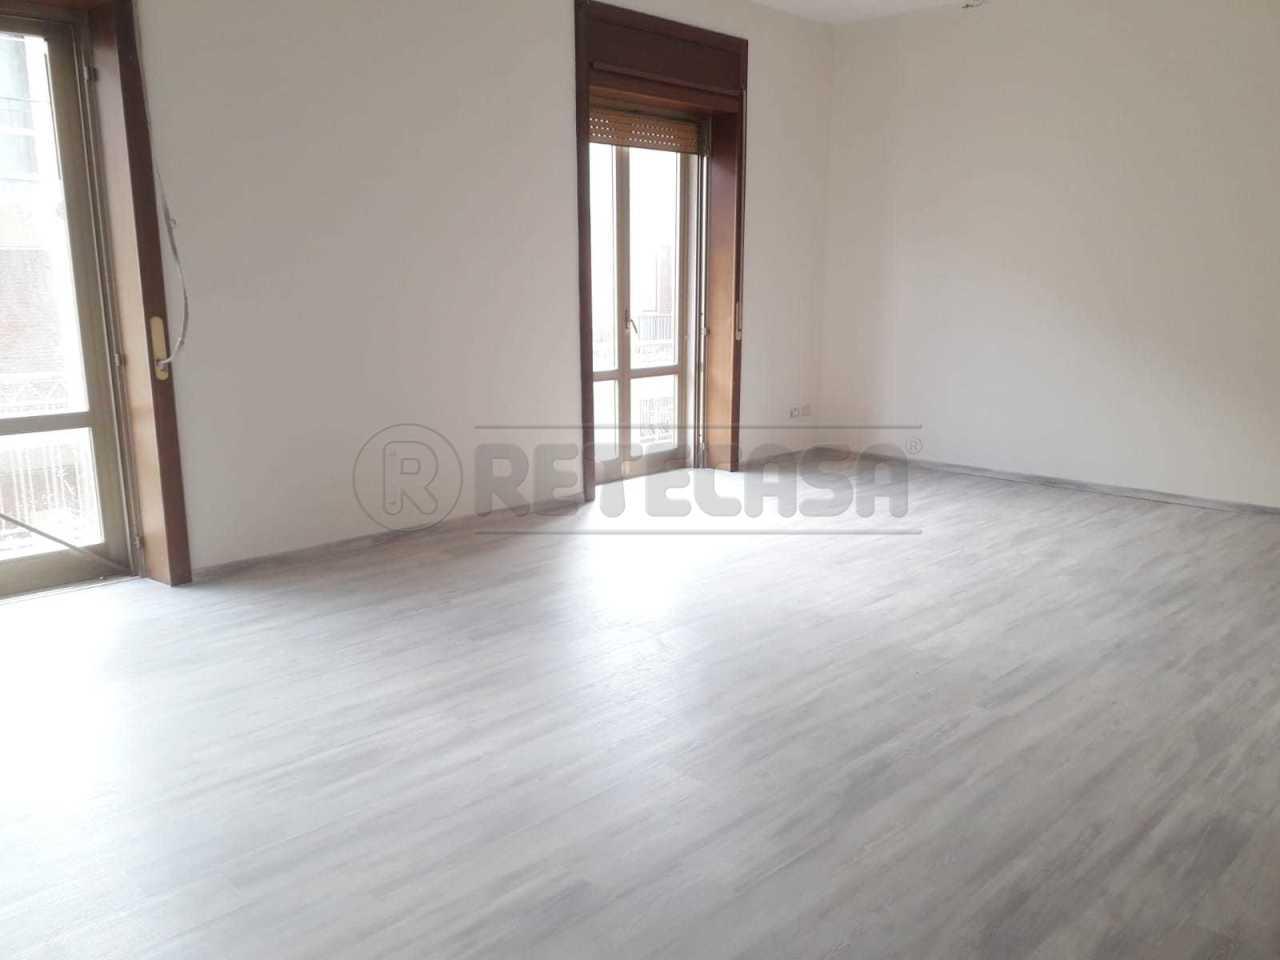 Appartamento in ottime condizioni in affitto Rif. 10172817